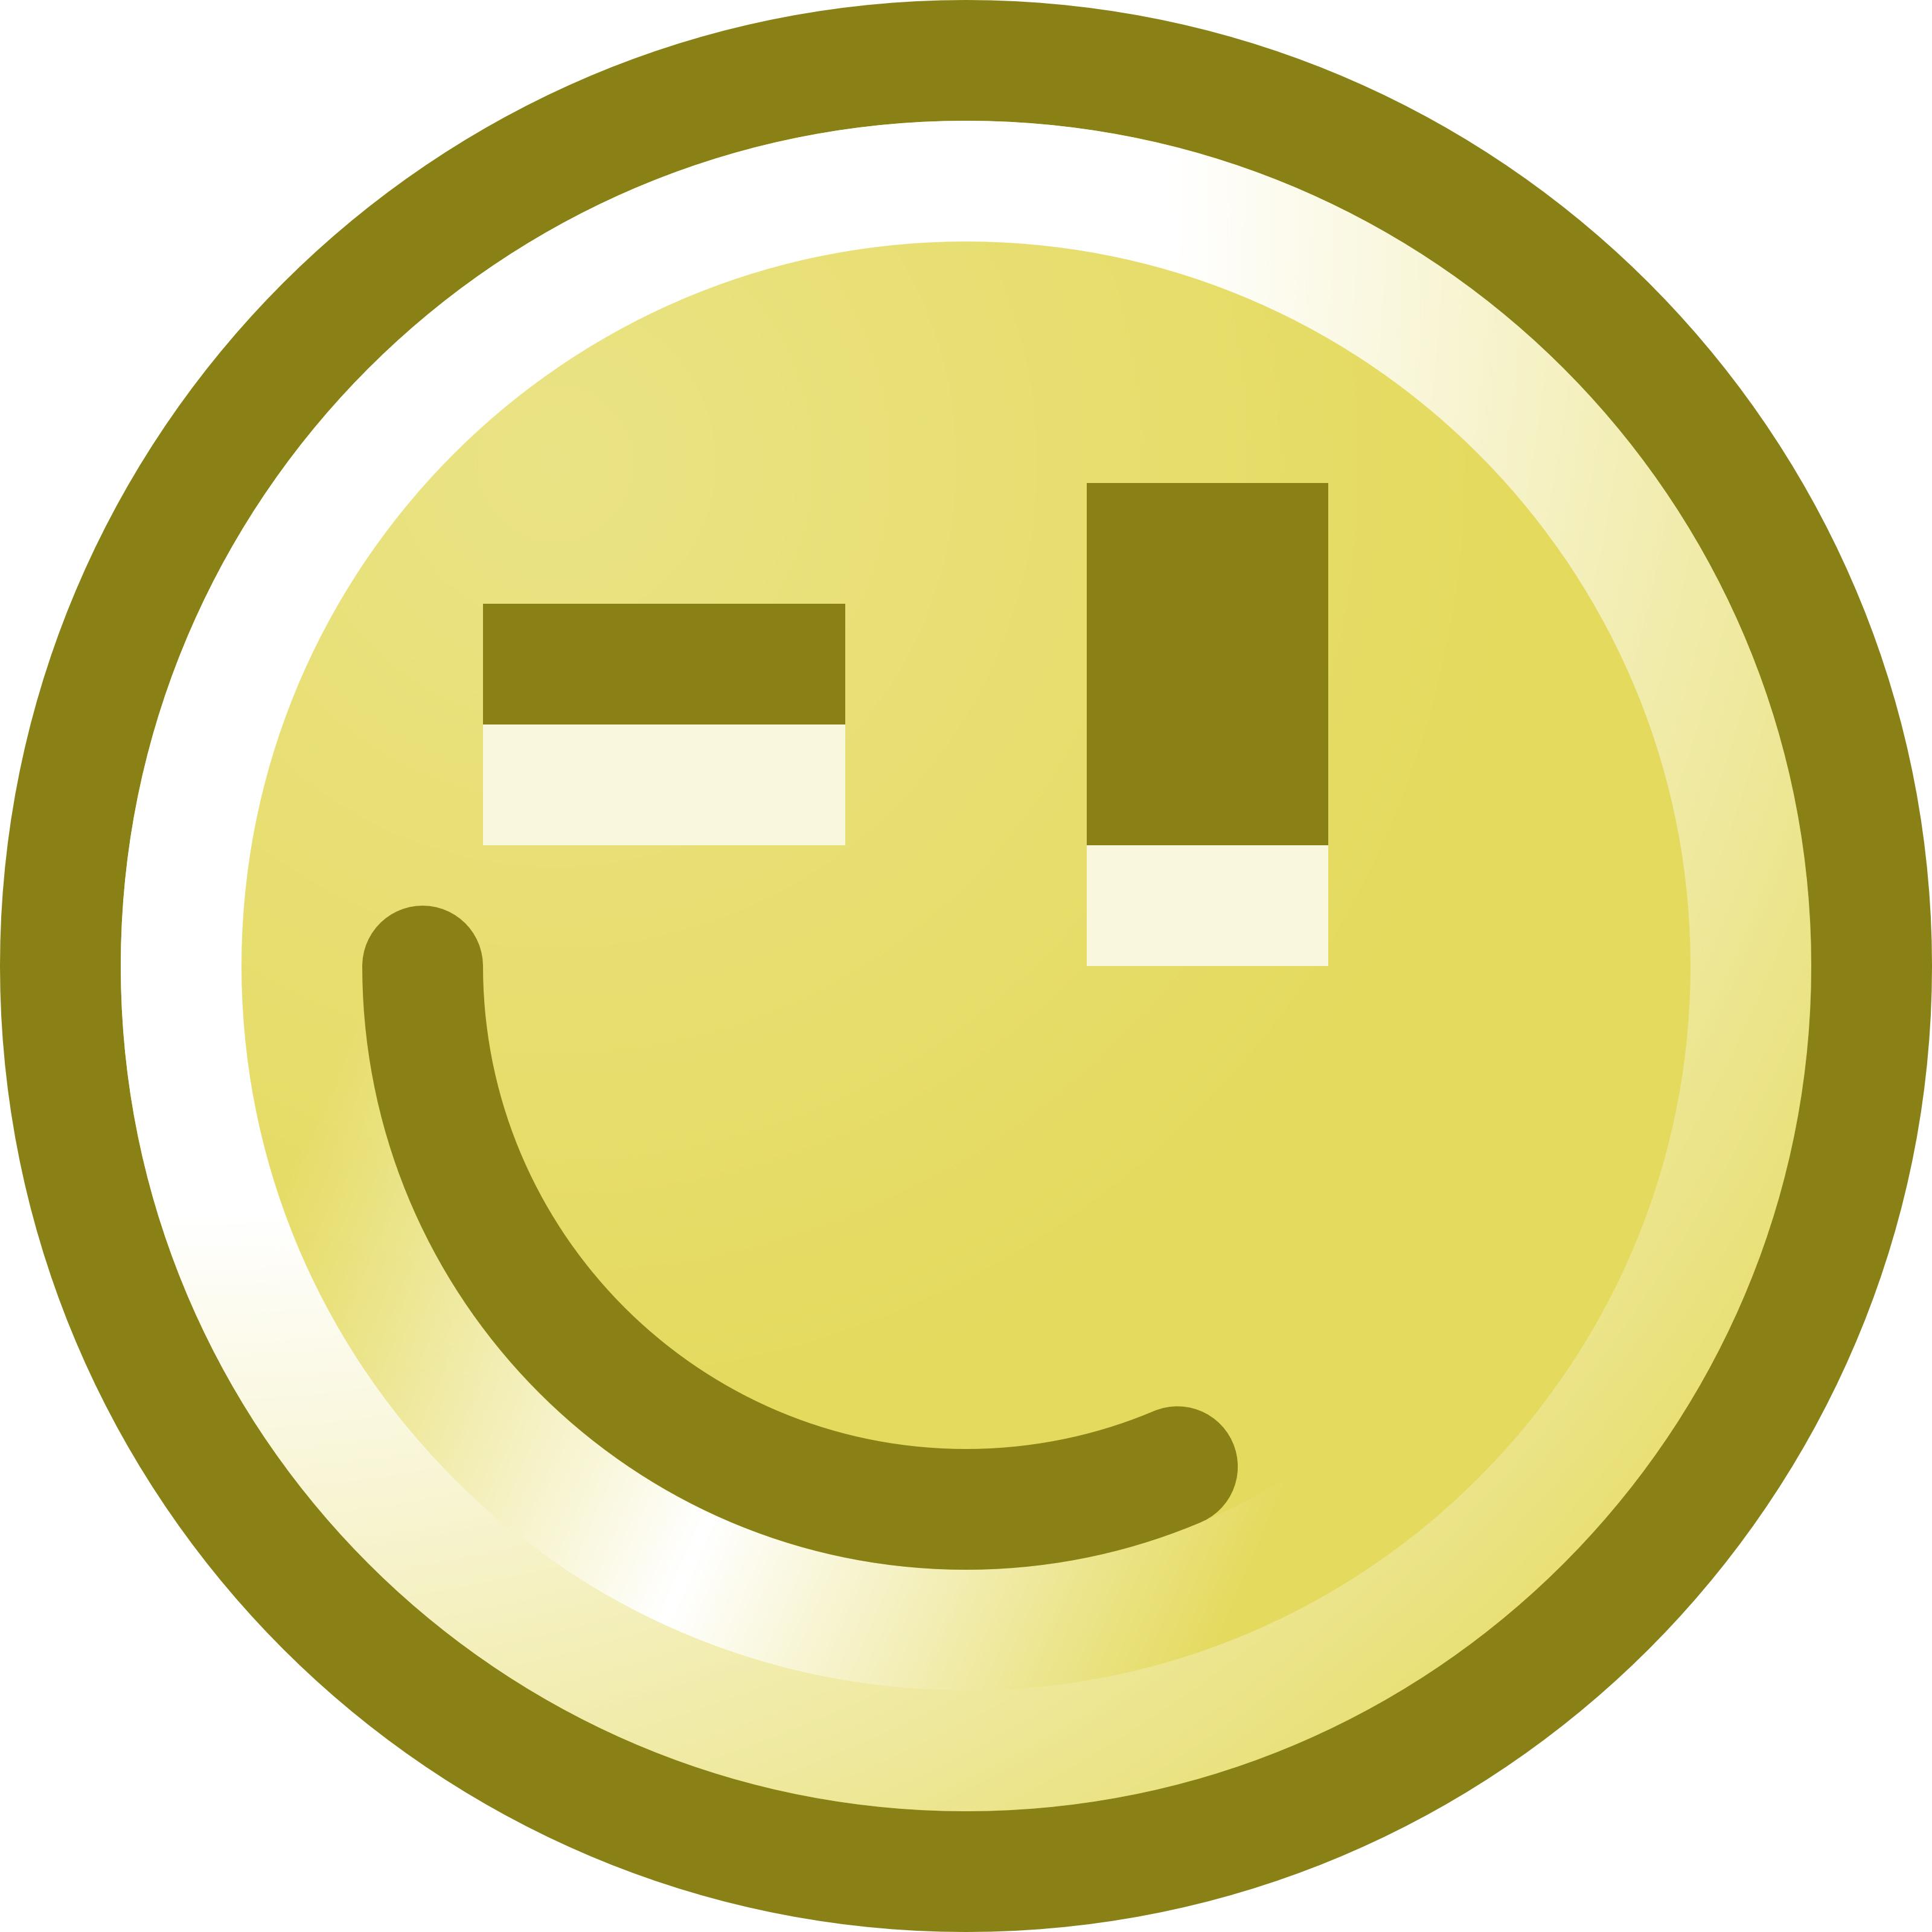 Smileys clipart circle Panda Black Smiley Face Clipart